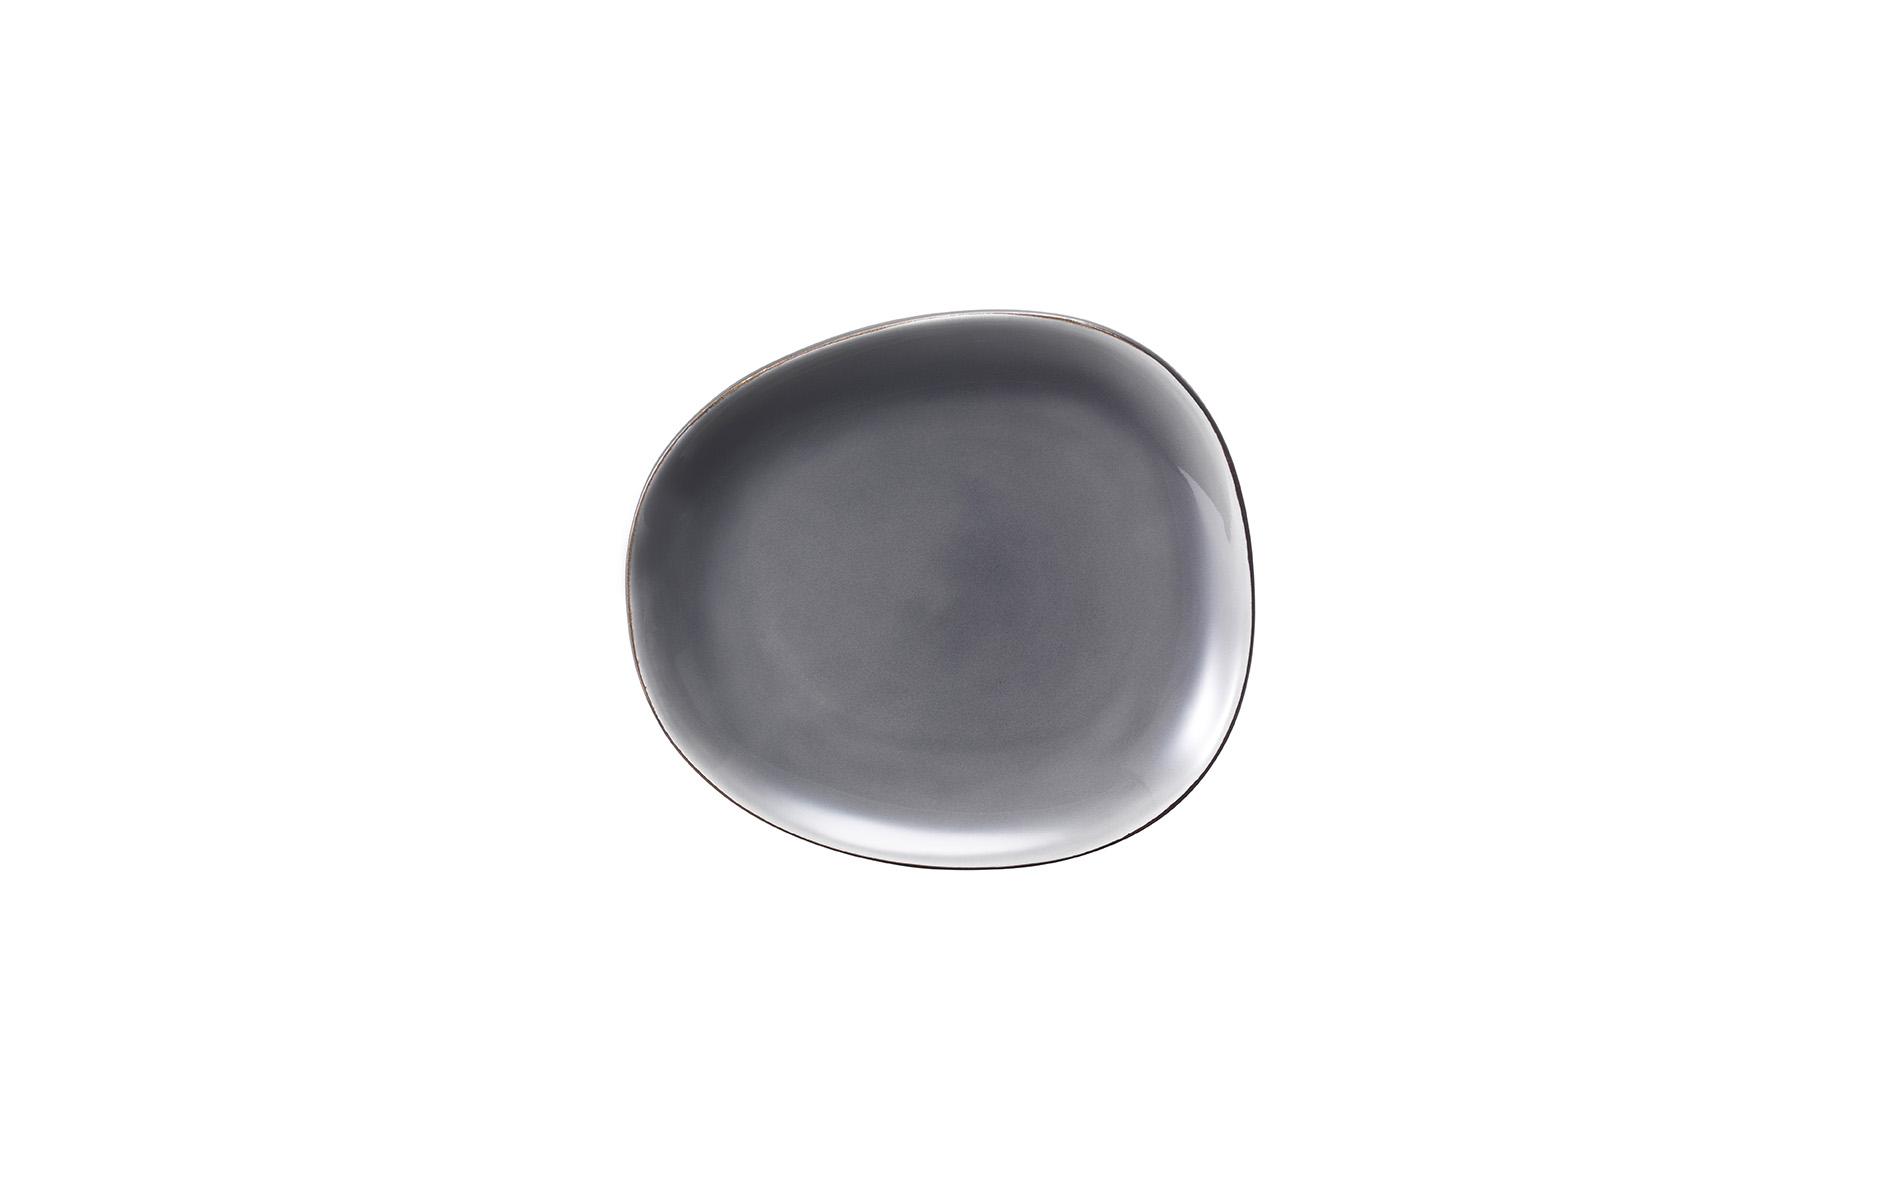 Elements by van Well / Desserteller schwarz-grau